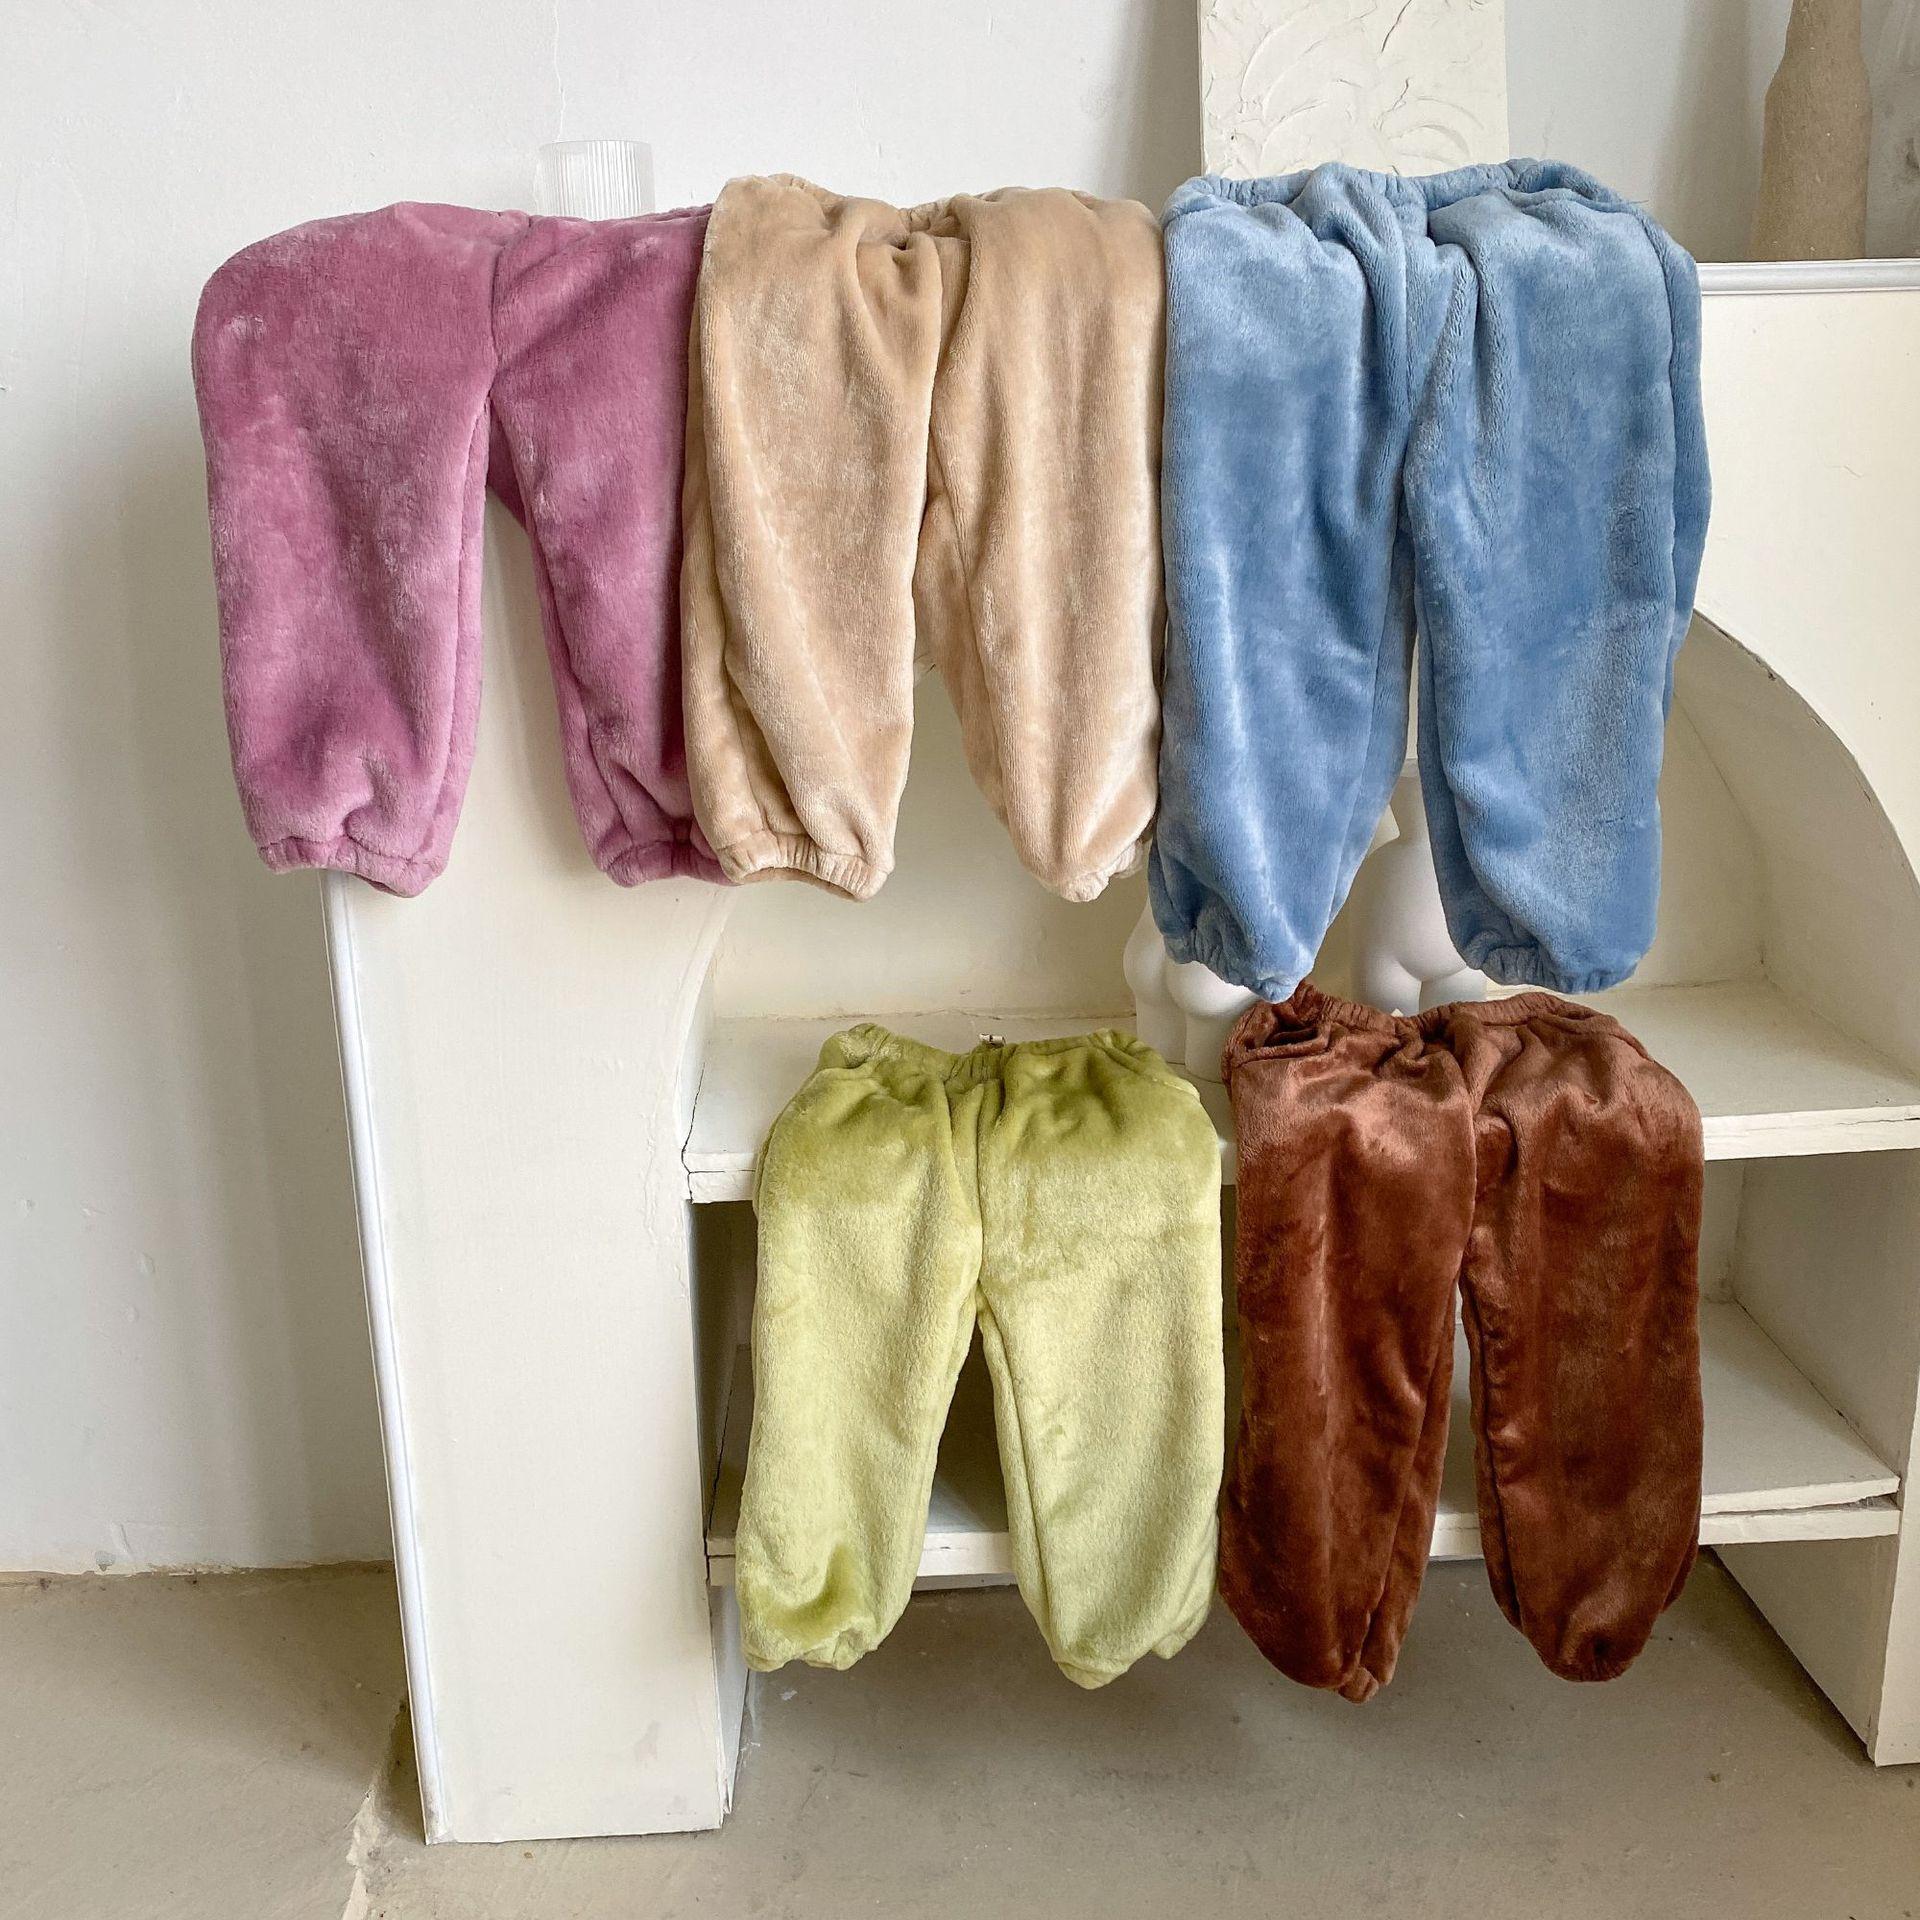 冬儿童法兰绒宅宅裤 男女童珊瑚绒长裤纯色宽松家居裤暖暖睡裤